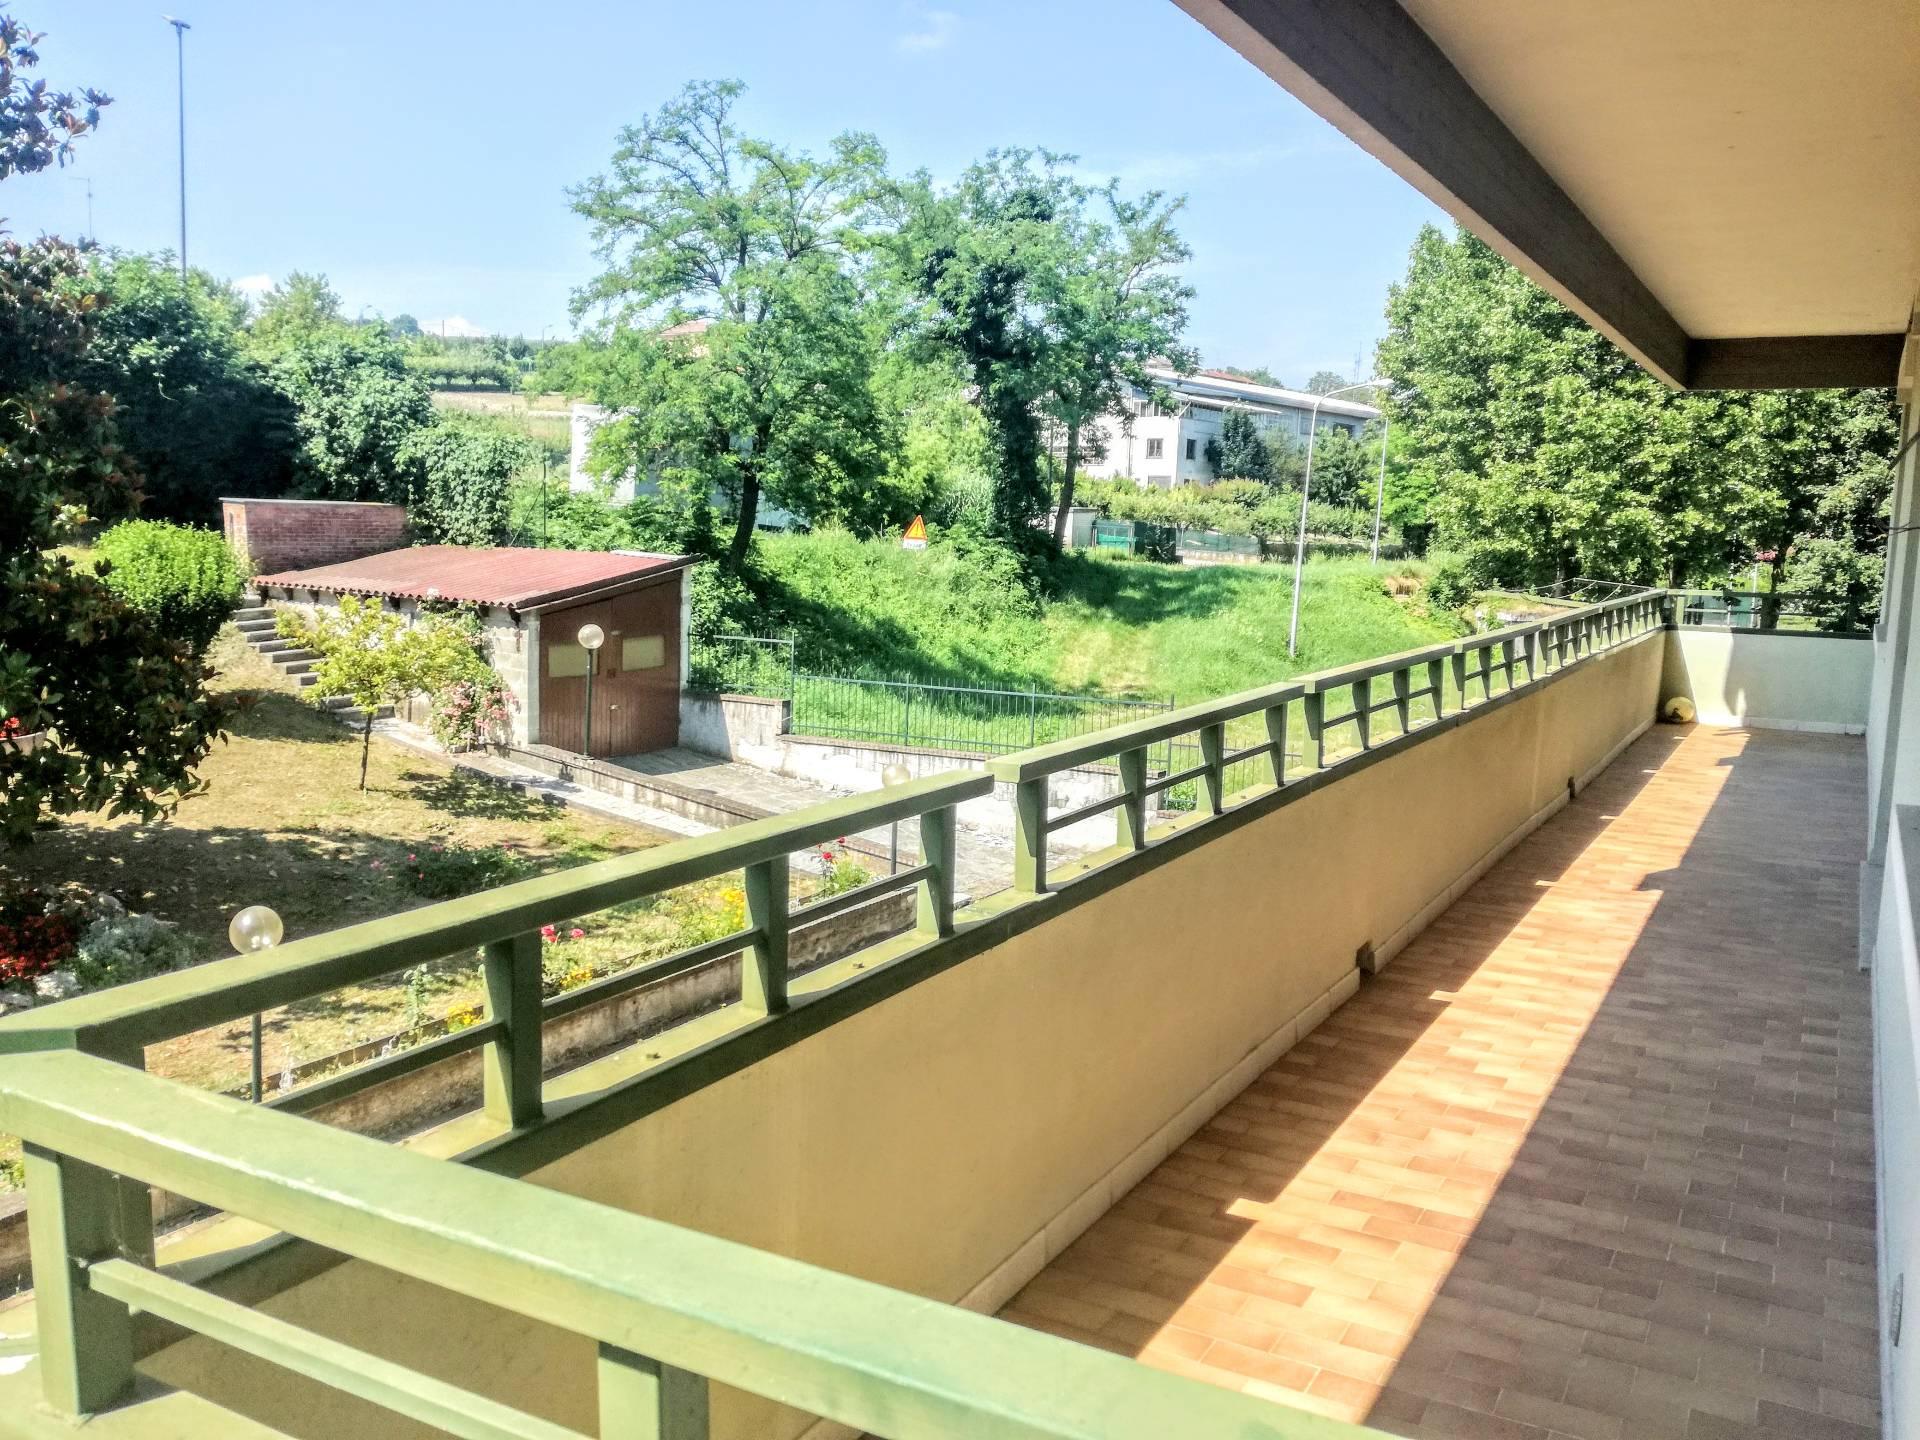 Appartamento in vendita a San Giorgio Monferrato, 3 locali, zona Zona: Chiabotto, prezzo € 49.000   CambioCasa.it